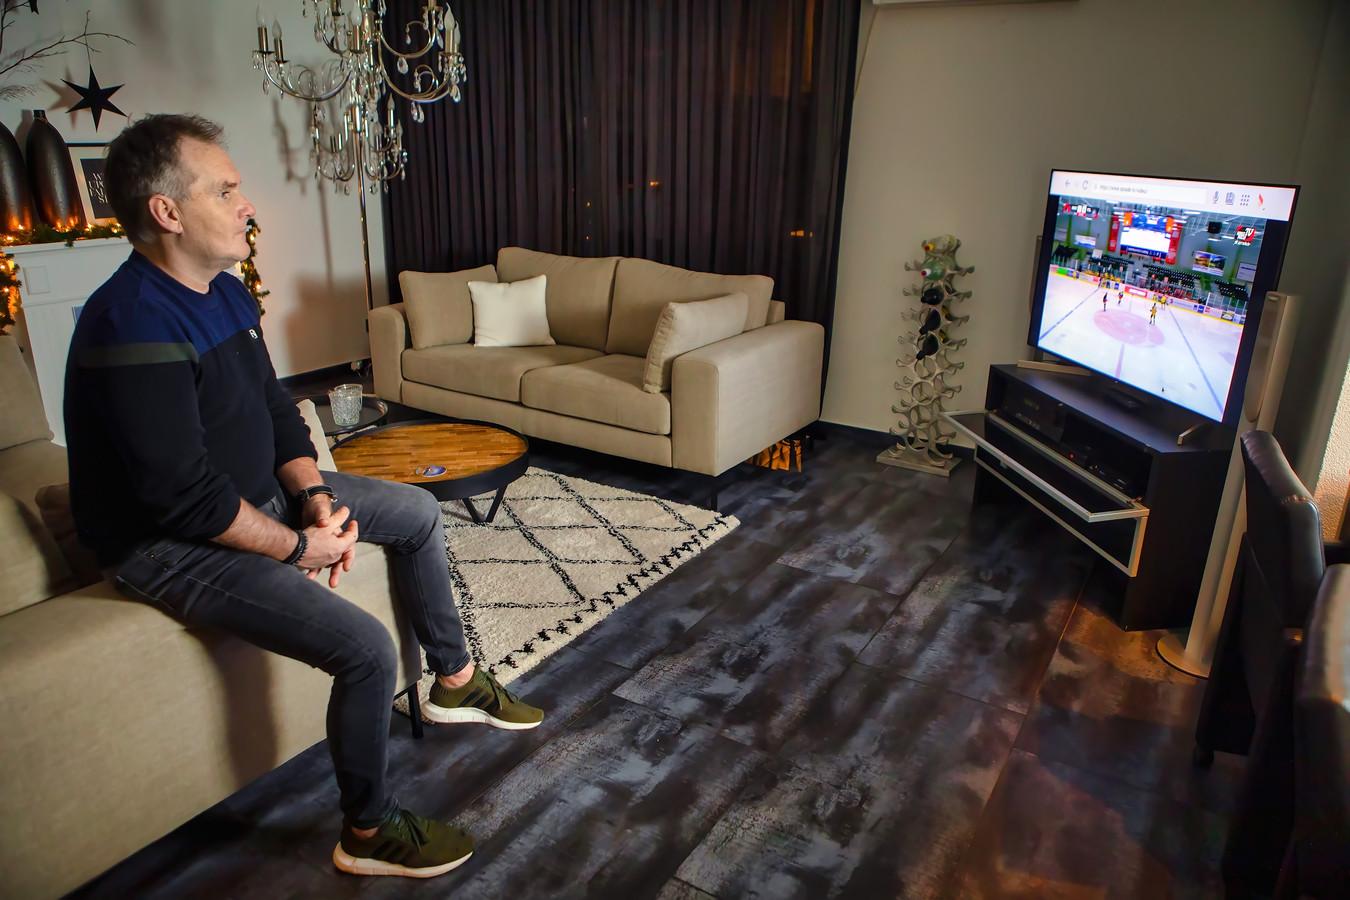 John Maes kijkt thuis naar de livestream van de wedstrijd van zijn club.